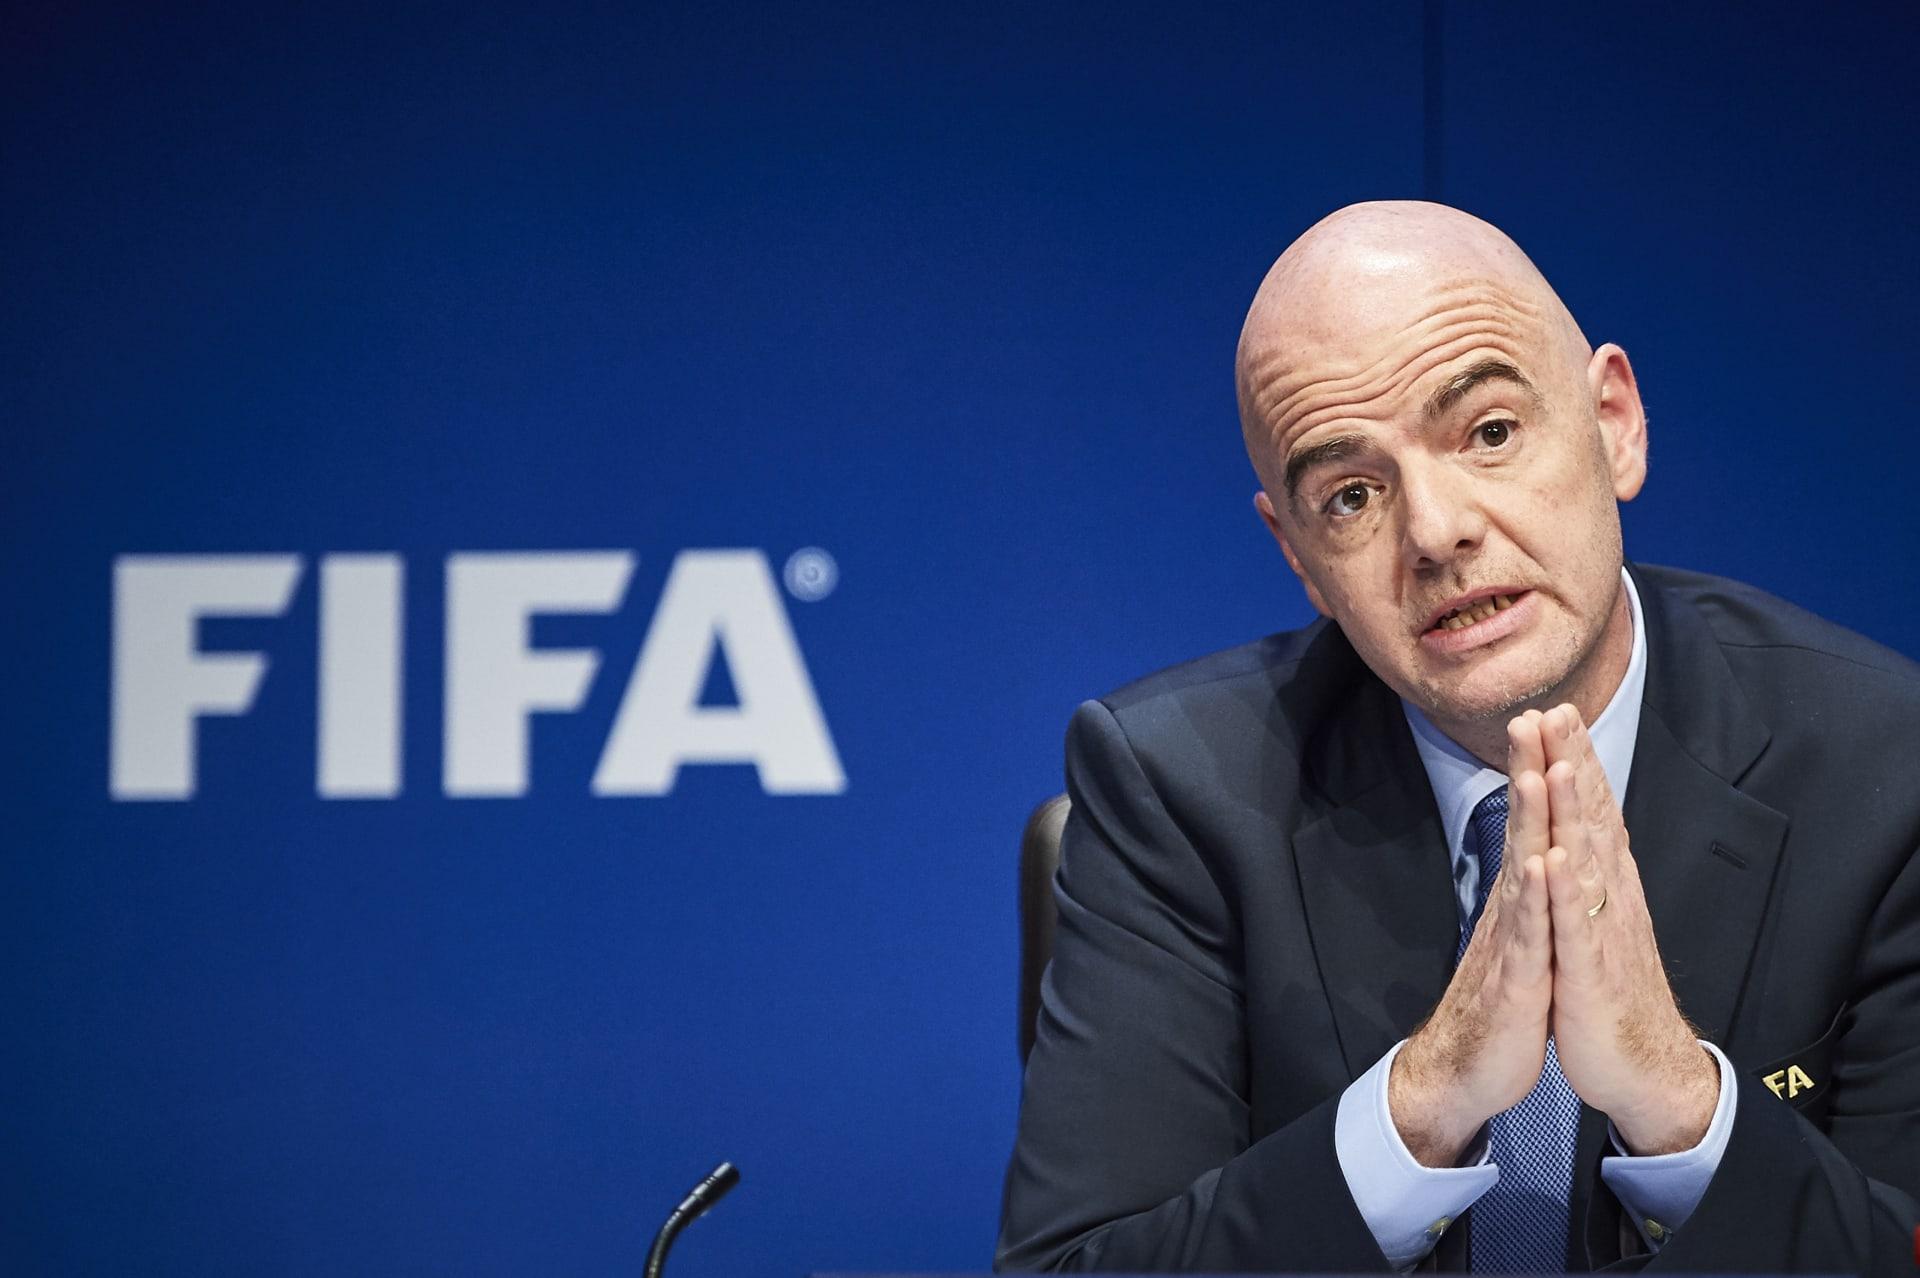 جياني إنفانتينو رئيس الاتحاد الدولي لكرة القدم فيفا